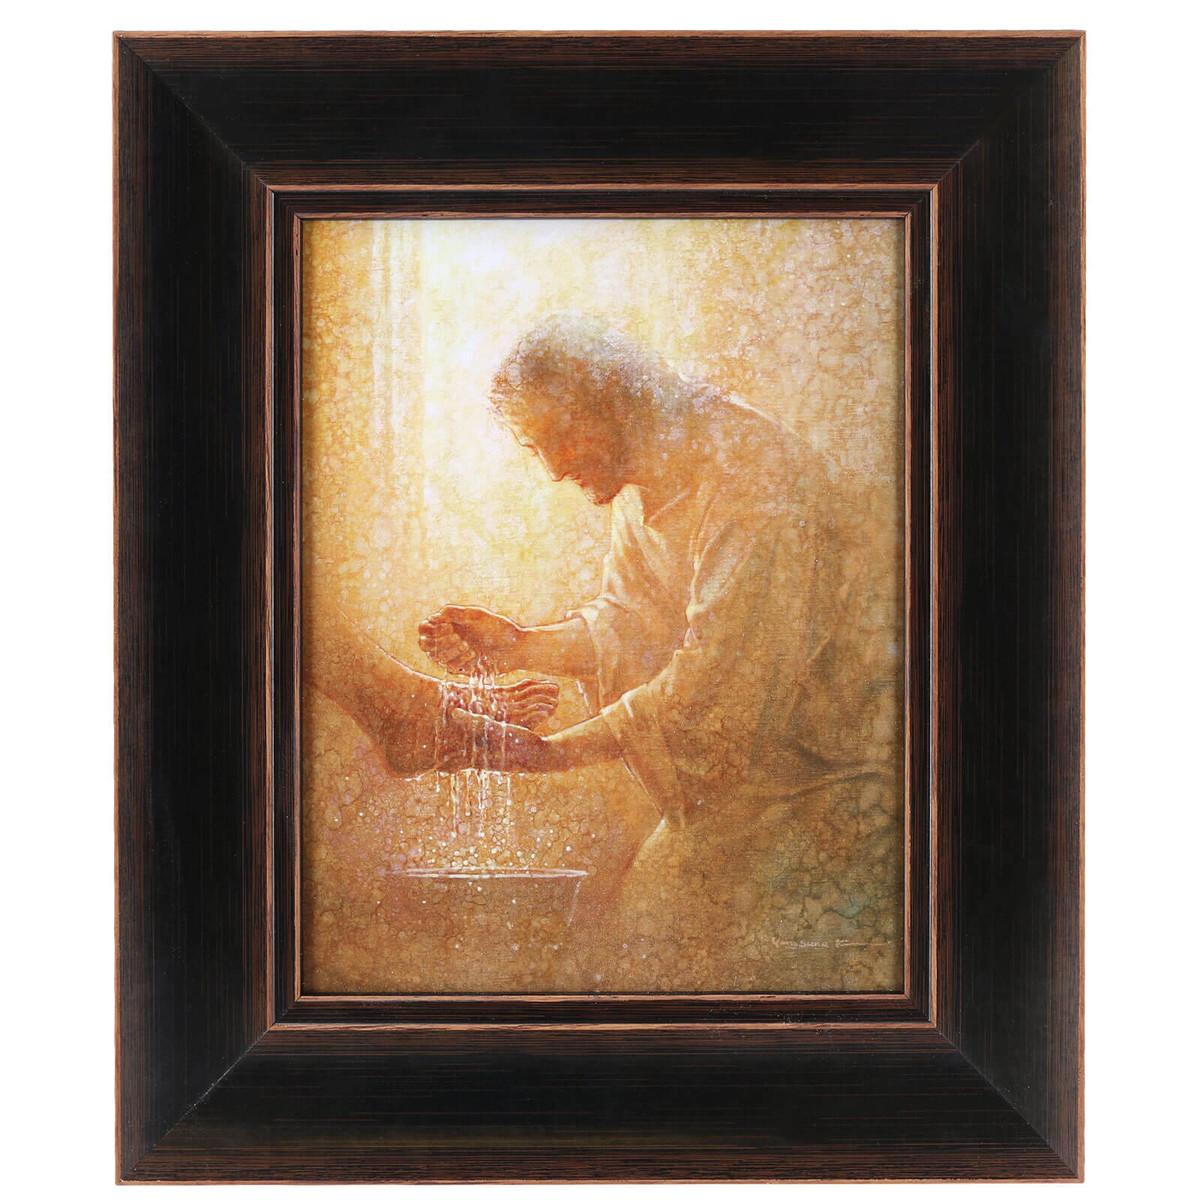 Framed Art: The Servant Frame by Yongsung Kim - 12\